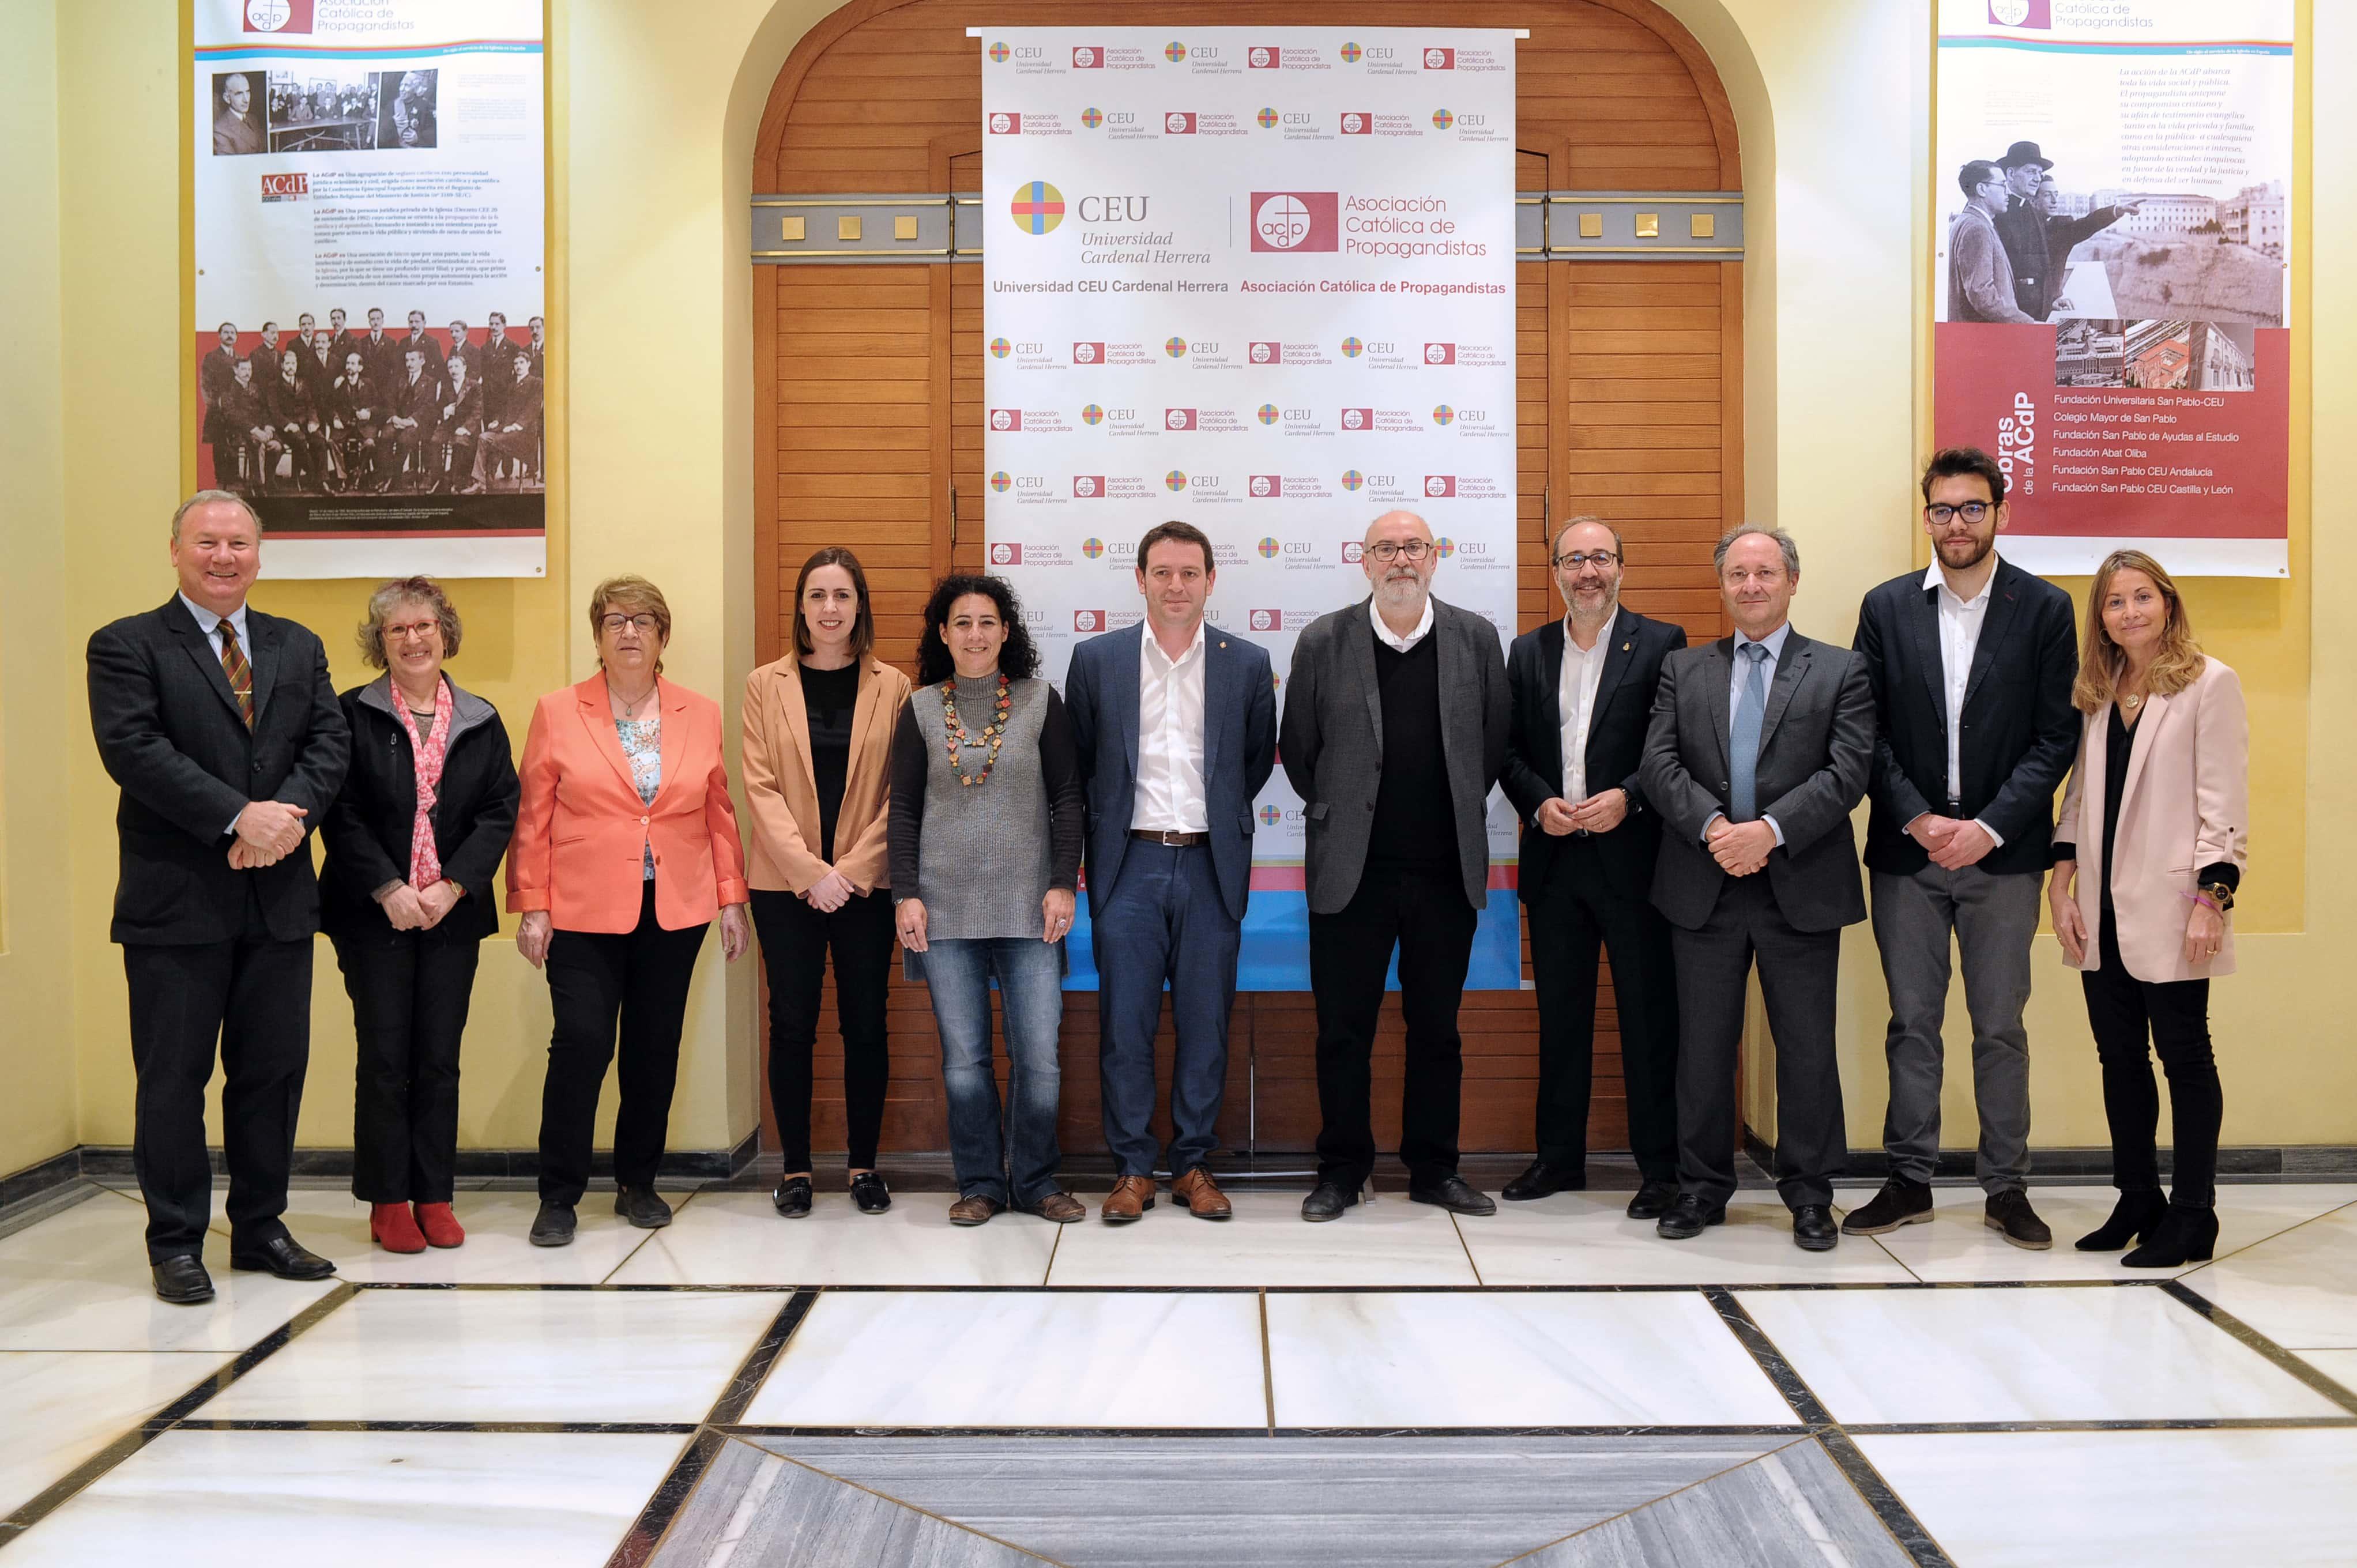 la-ceu-uch-y-la-autnoma-de-barcelona-premian-a-los-ayuntamientos-de-valencia-alzira-elche-y-castelln-por-la-transparencia-de-sus-webs-municipales_46676558555_o